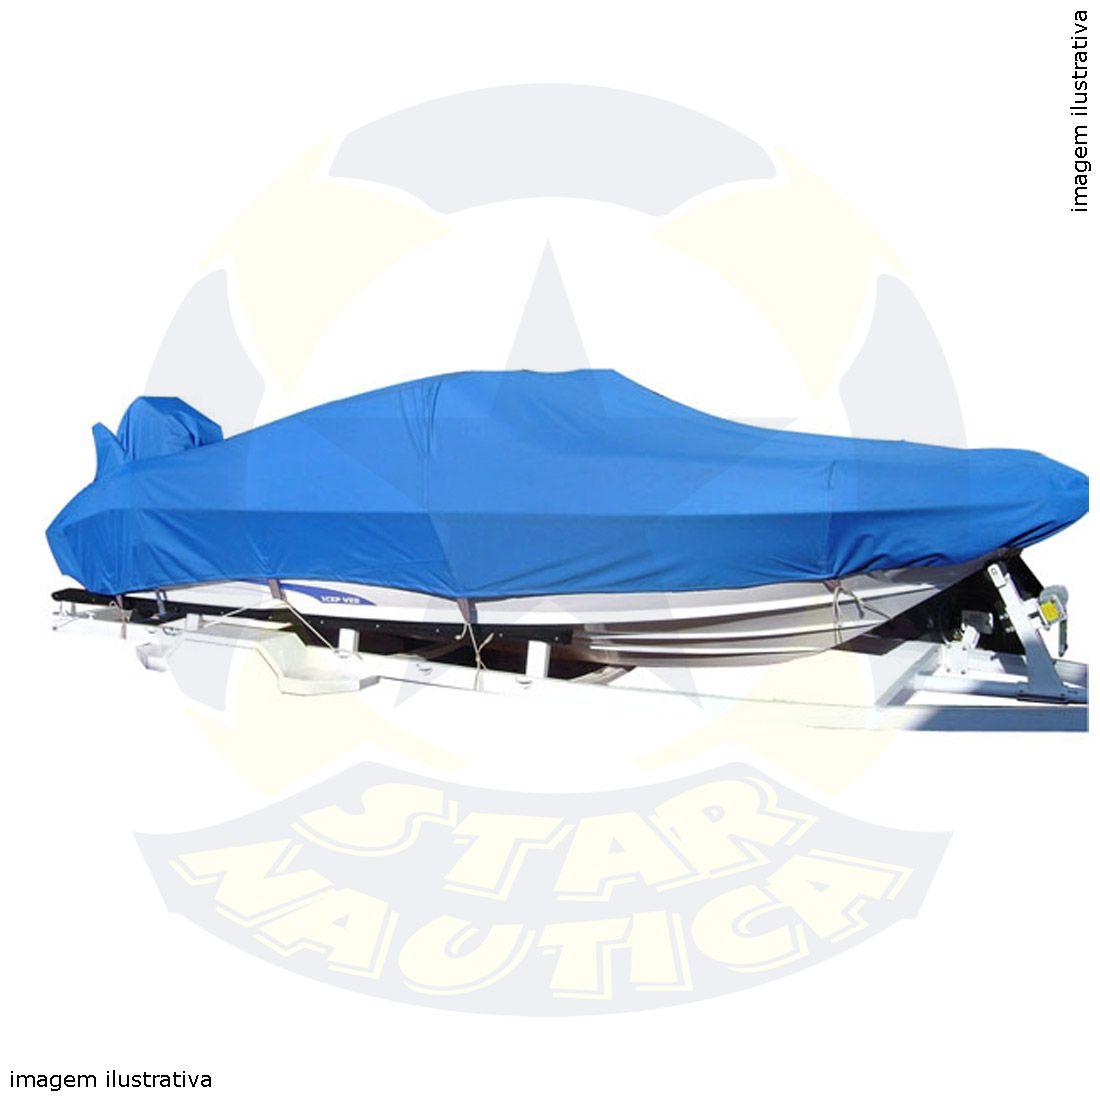 Capa Lona de Cobertura Lancha FS 210 Lona Vinílica